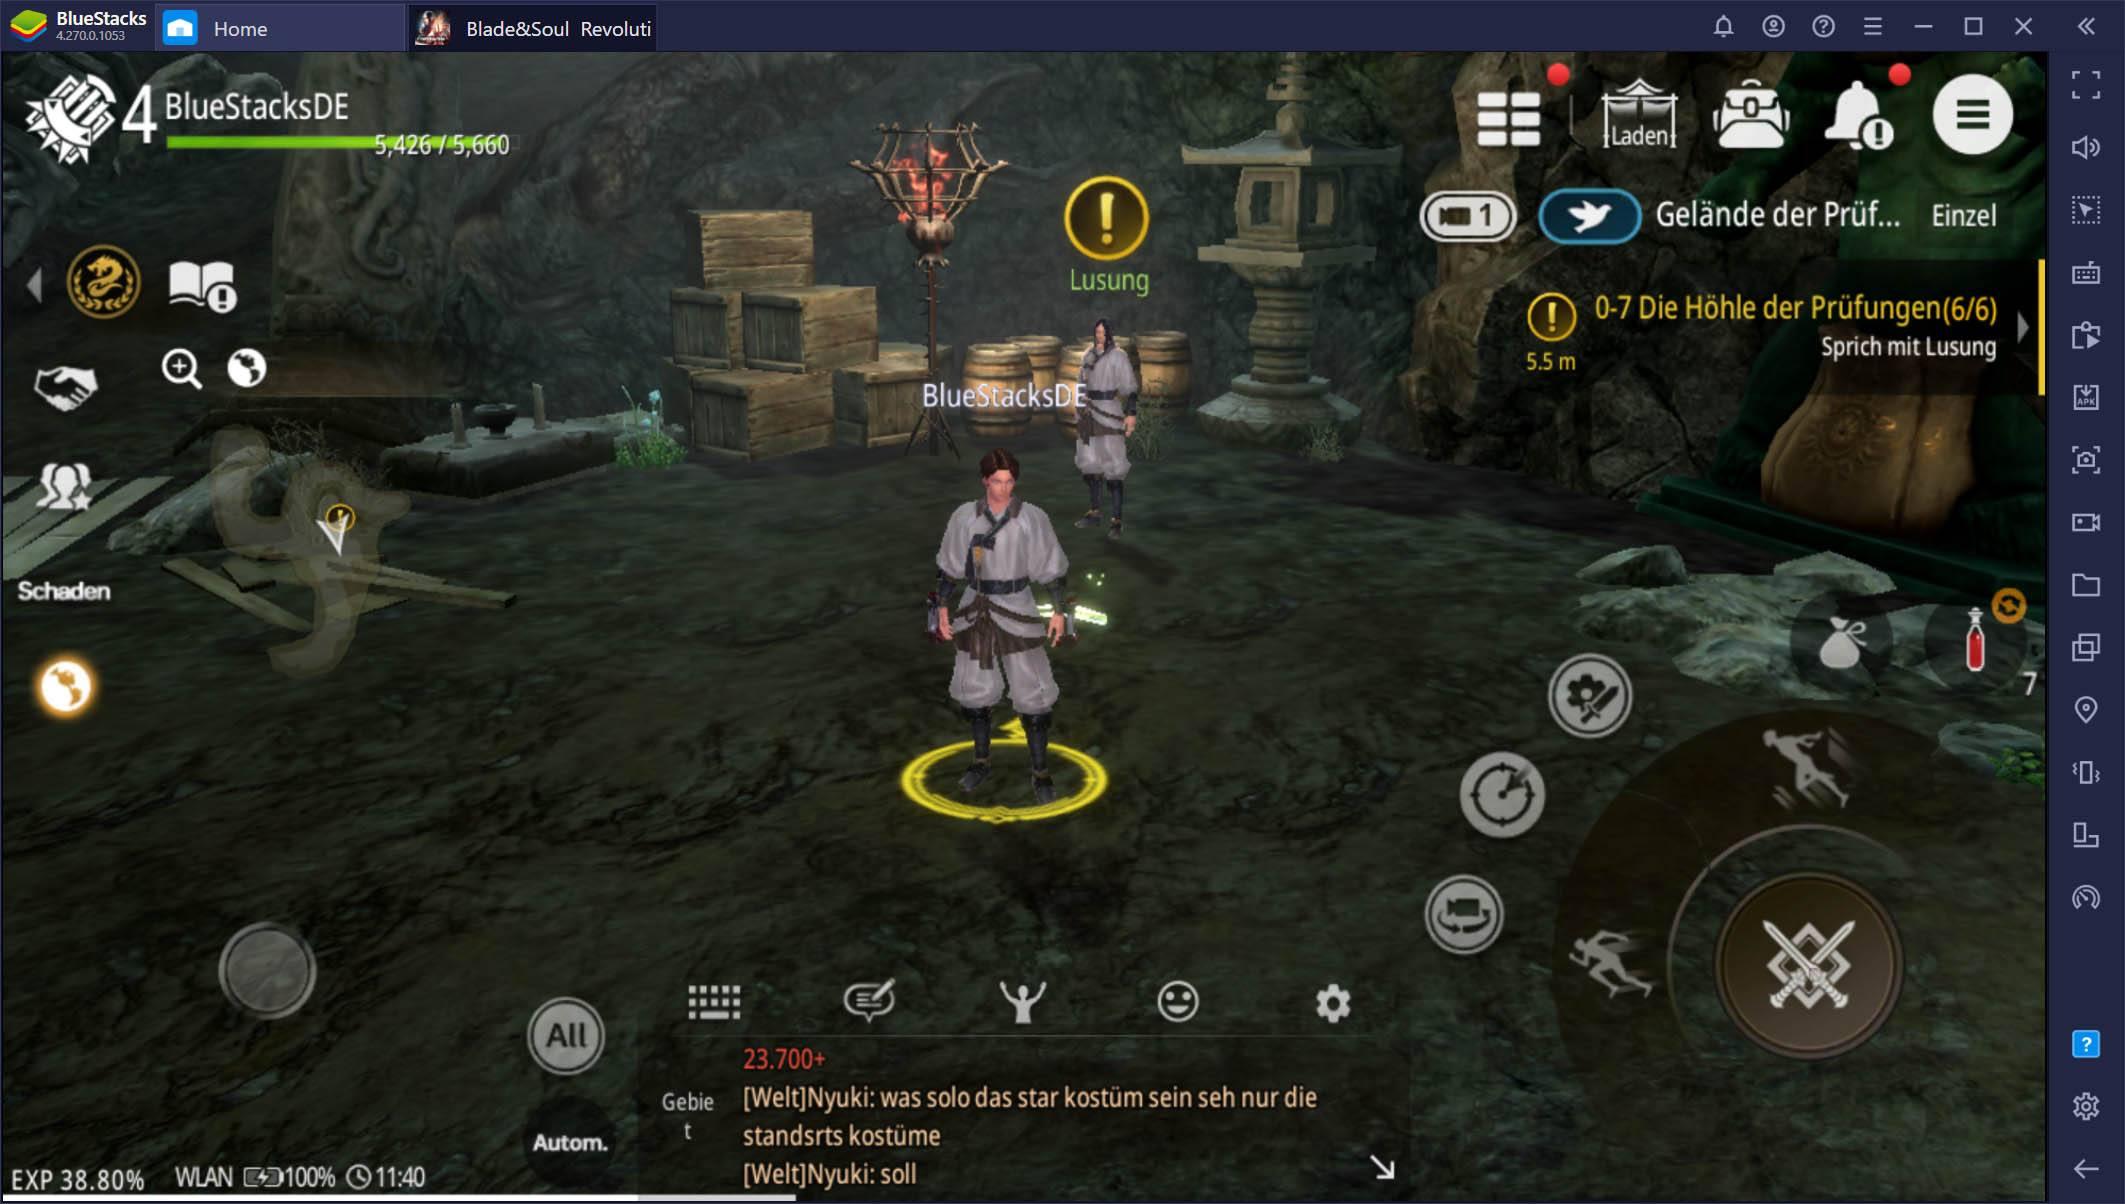 Wie man Blade&Soul Revolution auf dem PC mit BlueStacks spielt